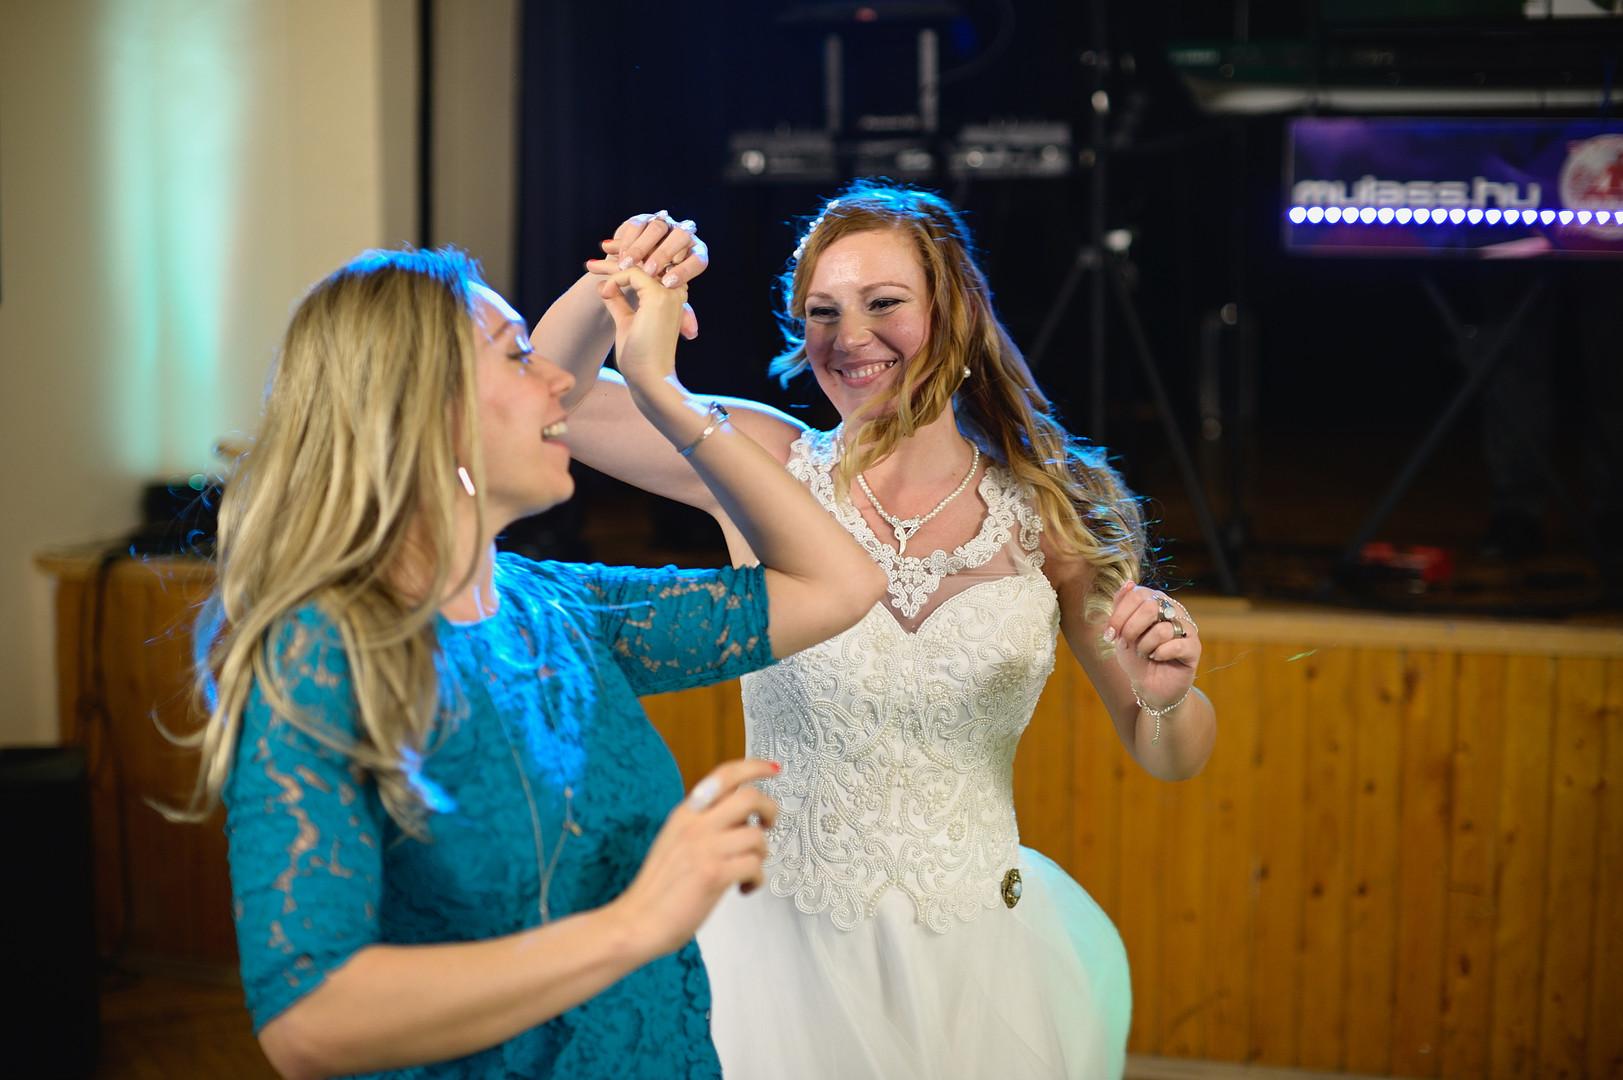 698  Esküvői fotózás - Enikő és Peti Bul